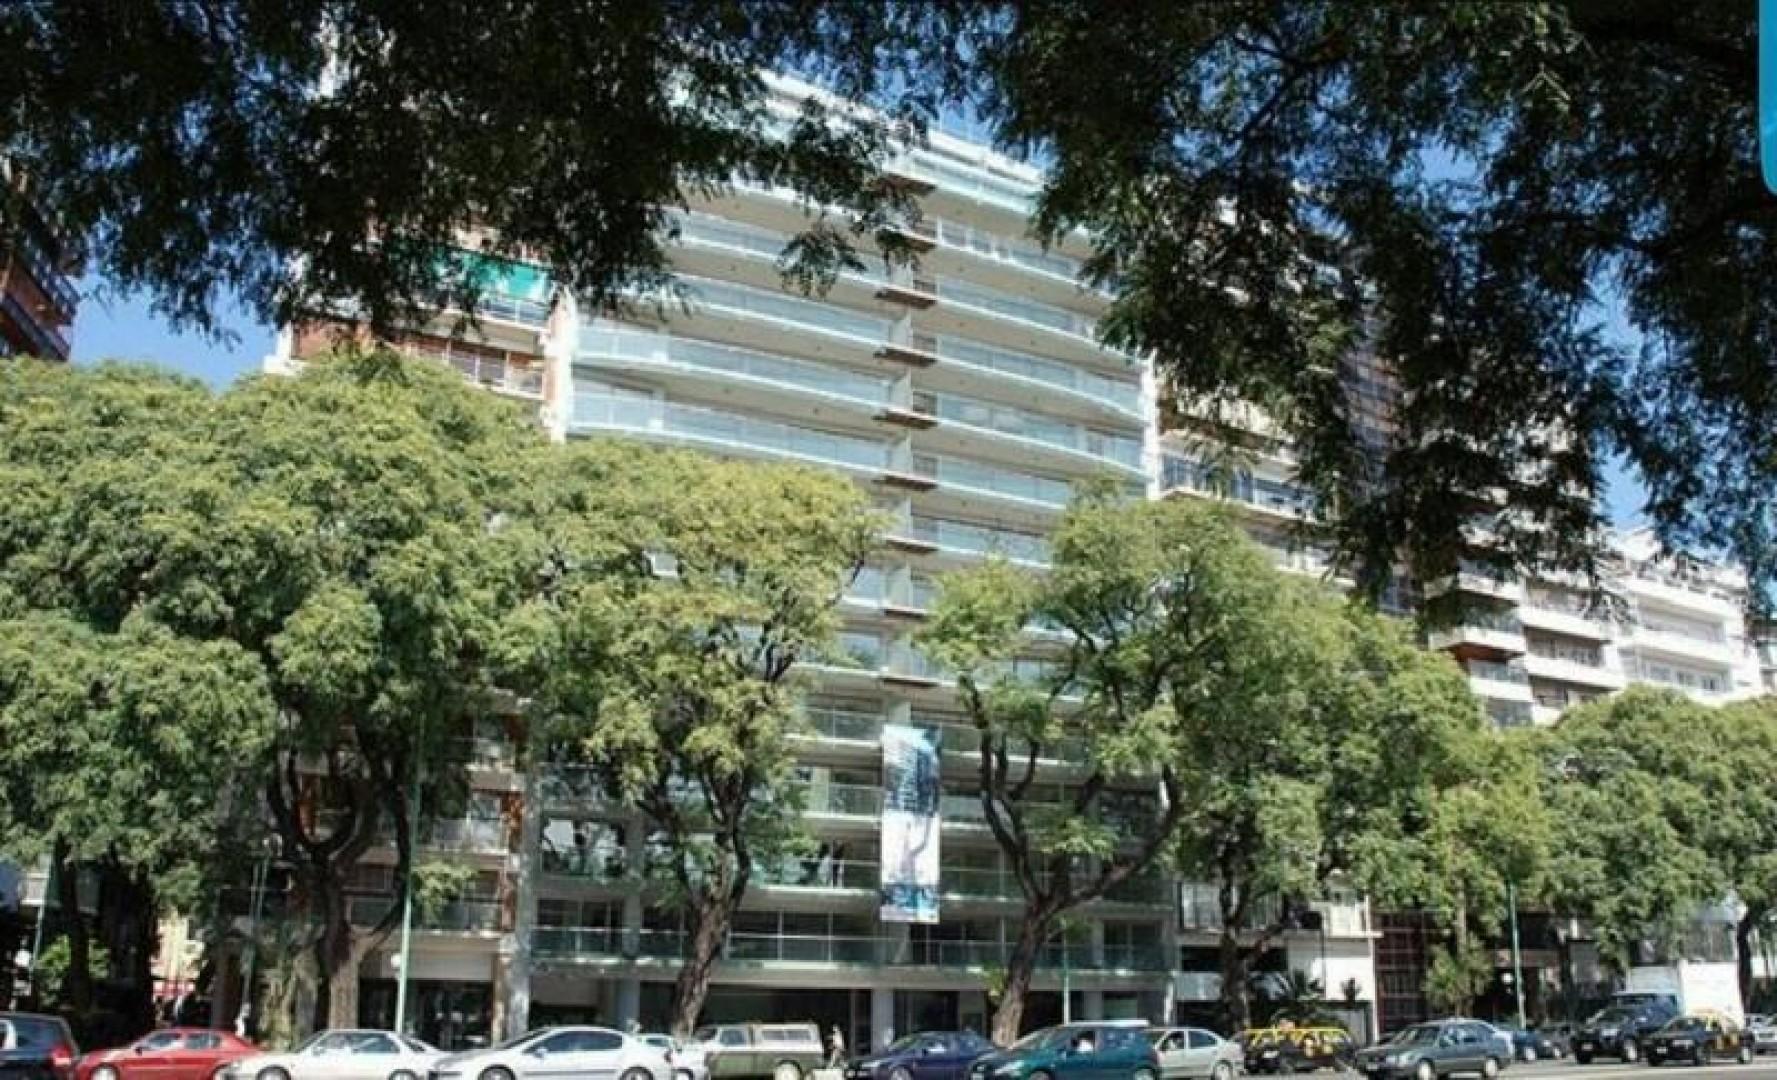 EXCELENTE CONSTRUCCION DE GRAN CALIDAD ESPACIOS MUY AMPLIOS